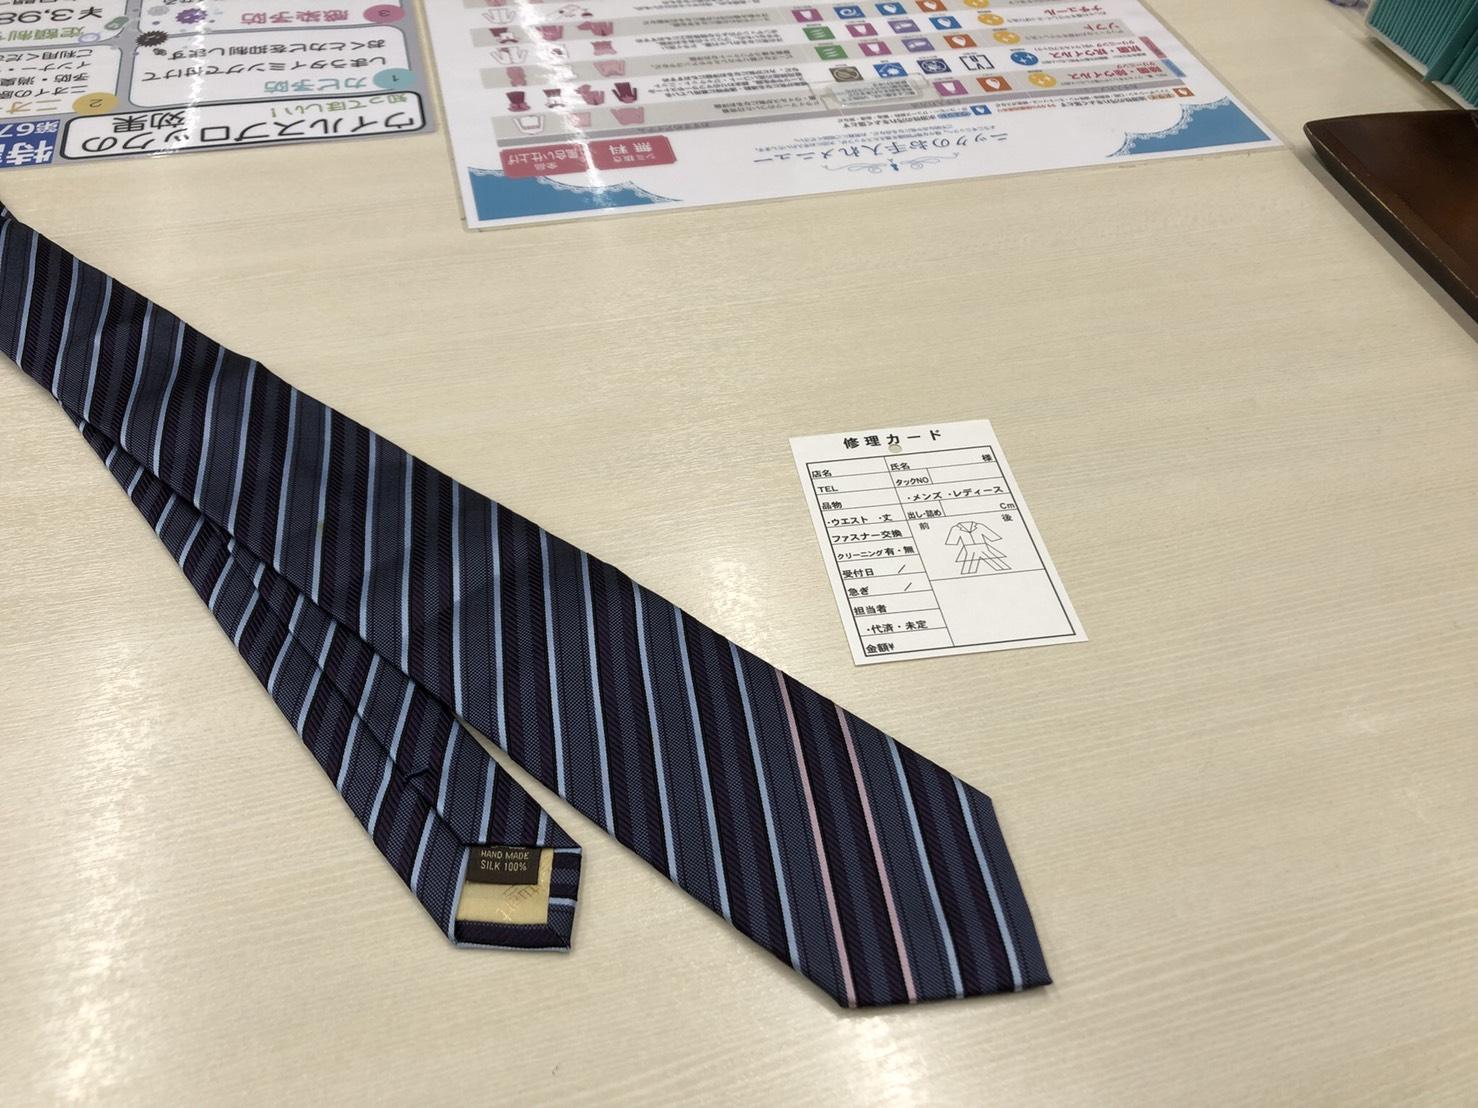 ≪大切なネクタイのダメージ~剣先・擦り切れ直し≫